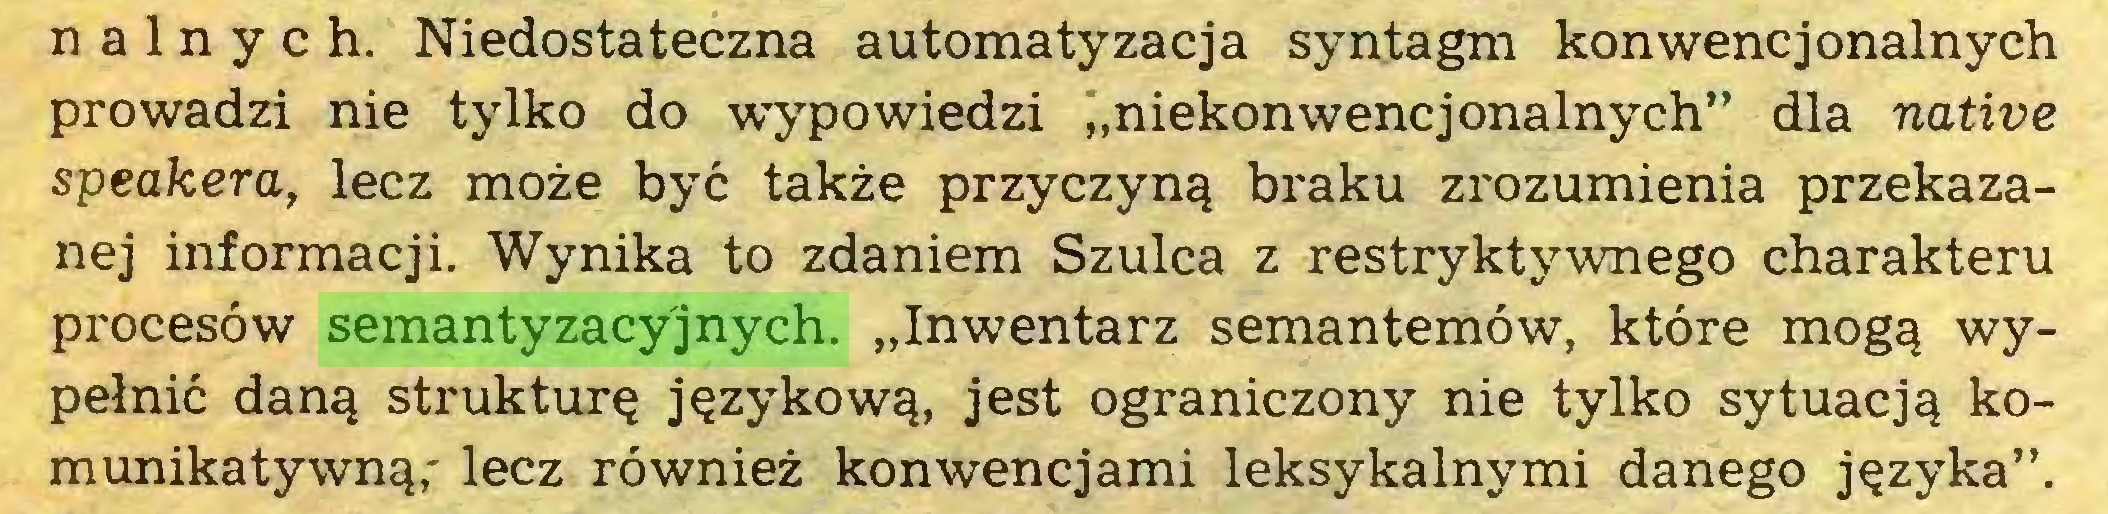 """(...) nalnych. Niedostateczna automatyzacja syntagm konwencjonalnych prowadzi nie tylko do wypowiedzi """"niekonwencjonalnych"""" dla native speakera, lecz może być także przyczyną braku zrozumienia przekazanej informacji. Wynika to zdaniem Szulca z restryktywnego charakteru procesów semantyzacyjnych. """"Inwentarz semantemów, które mogą wypełnić daną strukturę językową, jest ograniczony nie tylko sytuacją komunikatywną,' lecz również konwencjami leksykalnymi danego języka""""..."""